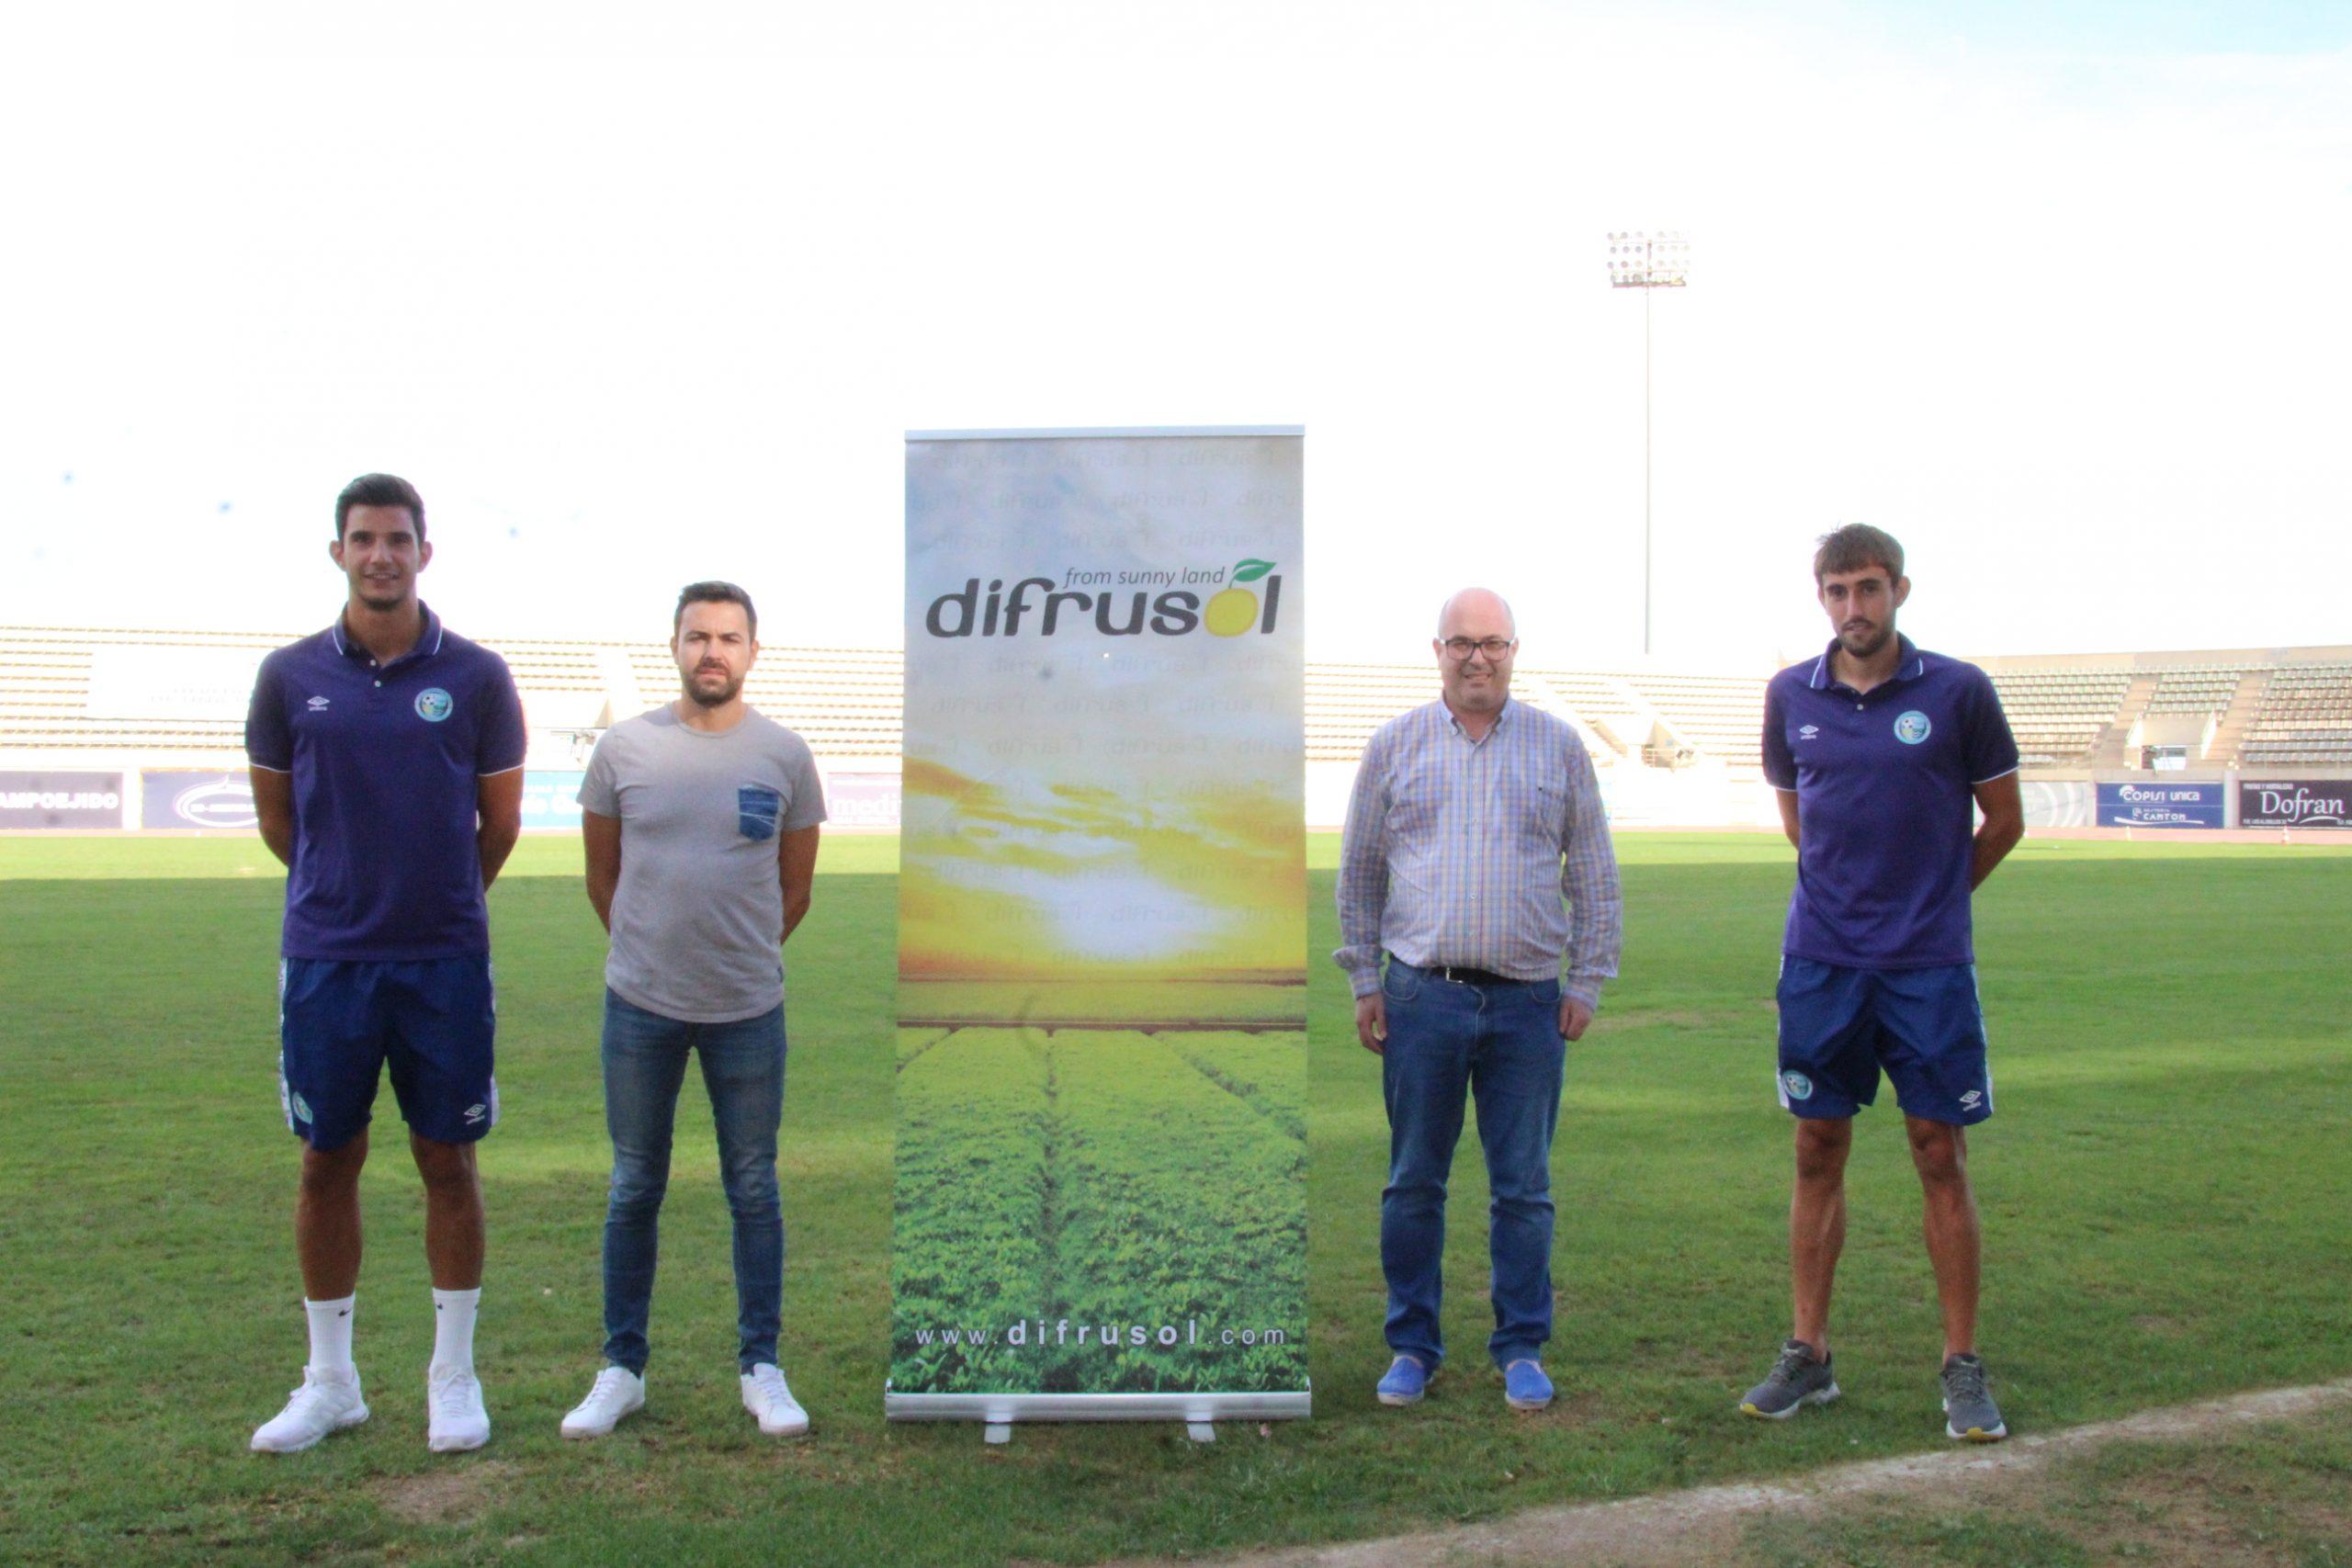 Los jugadores Fran Serrano y Jorge García se presentan de la mano de Difrusol